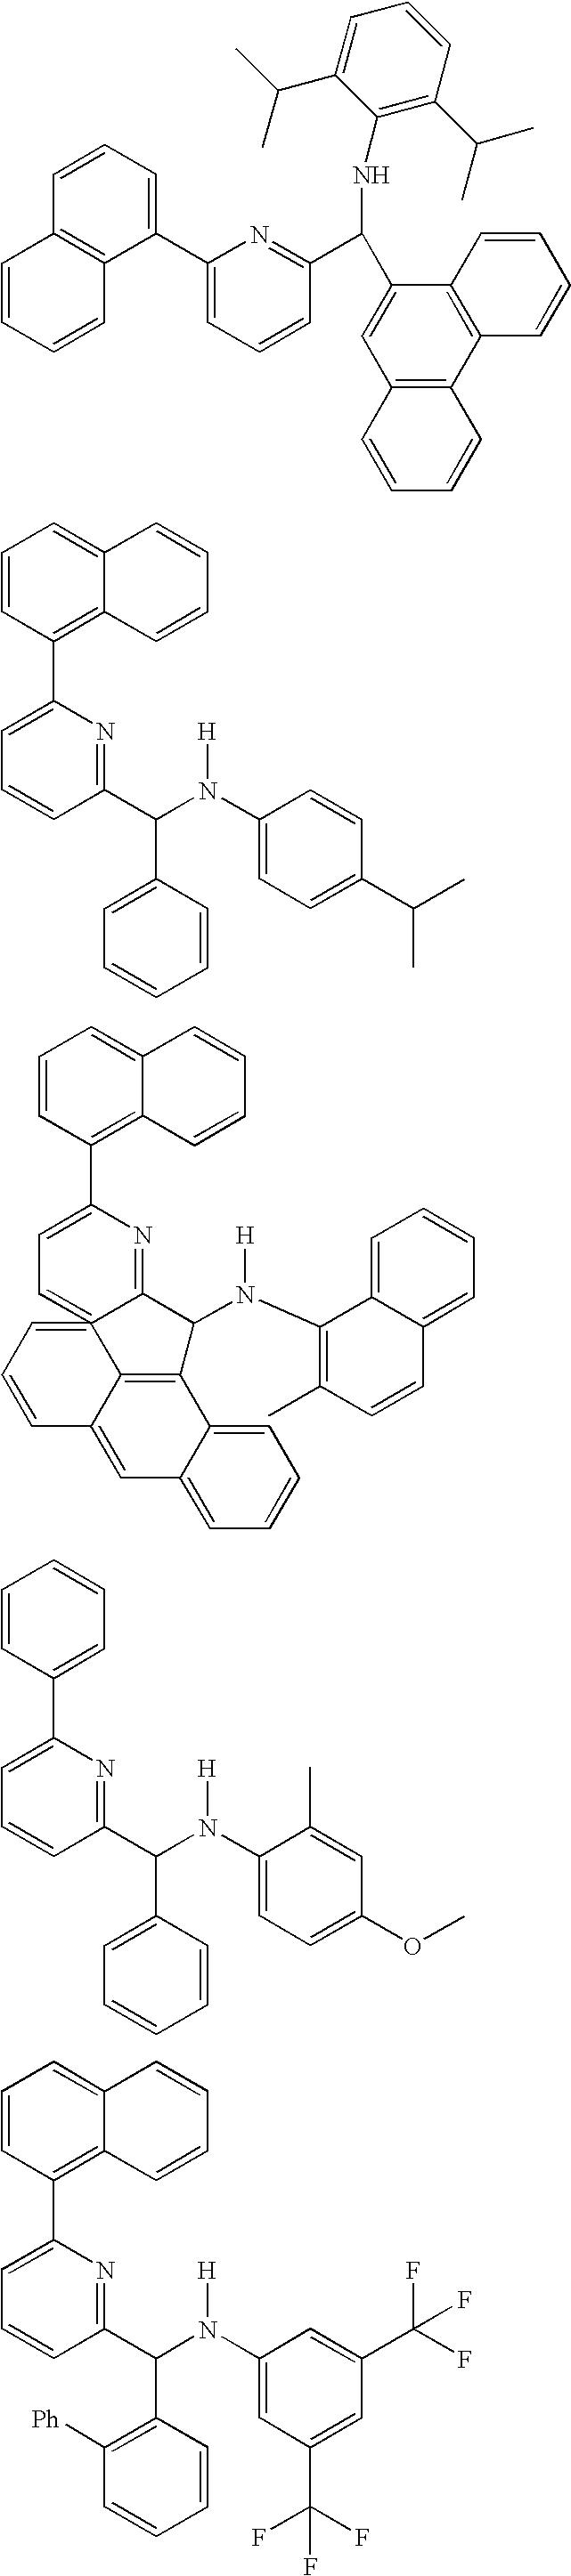 Figure US06900321-20050531-C00026